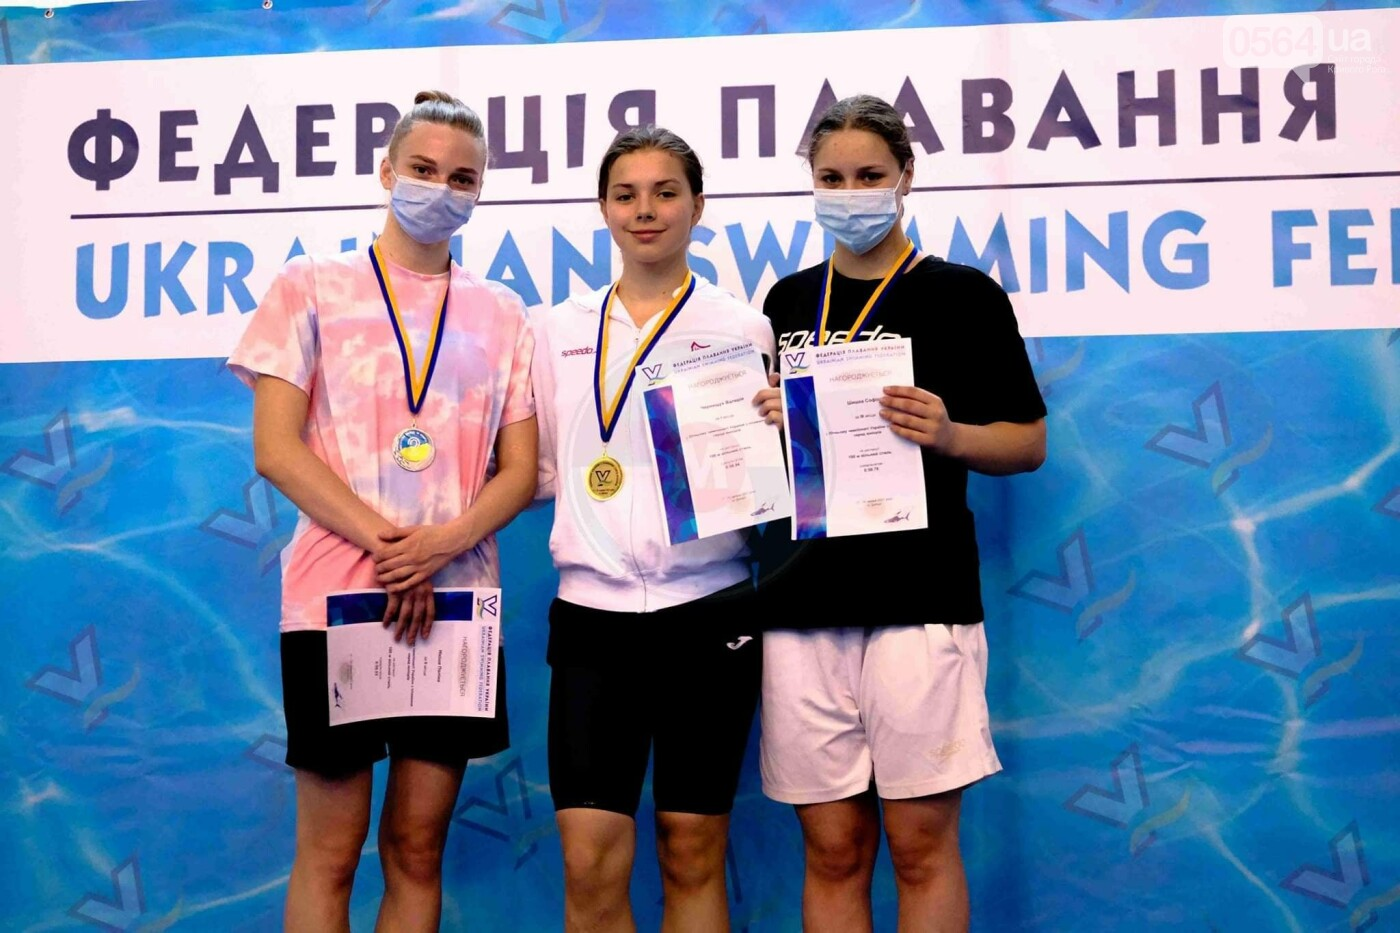 Криворожские пловцы завоевали медали на чемпионате Украины по плаванию, - ФОТО, фото-3